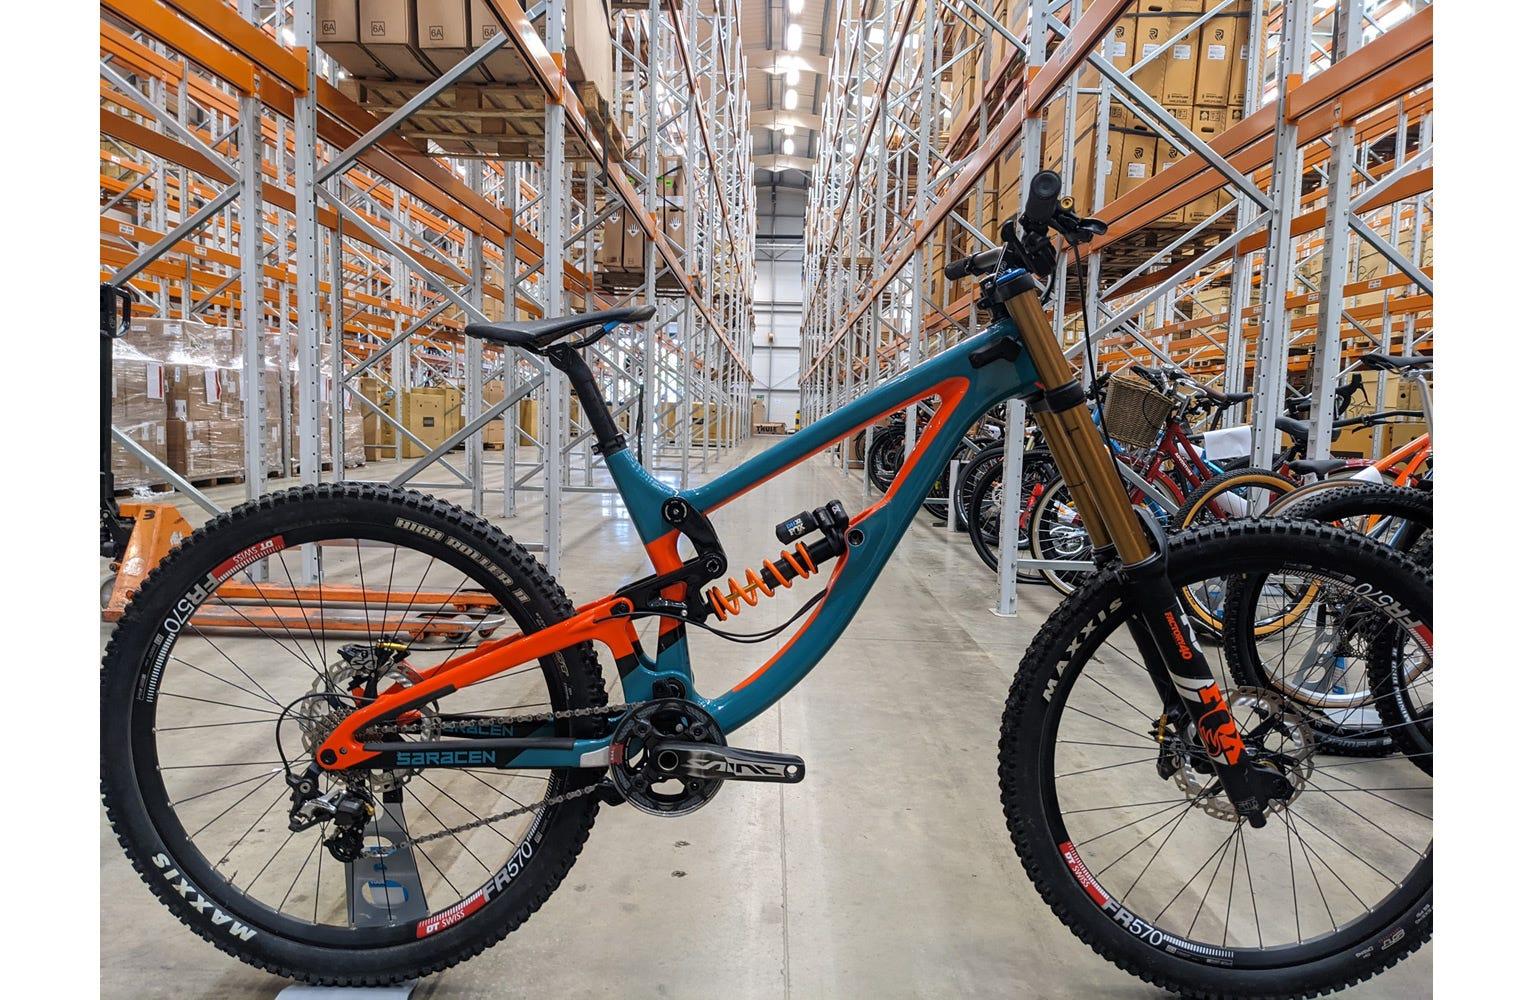 Saracen Myst Pro-Team Large bike used sample